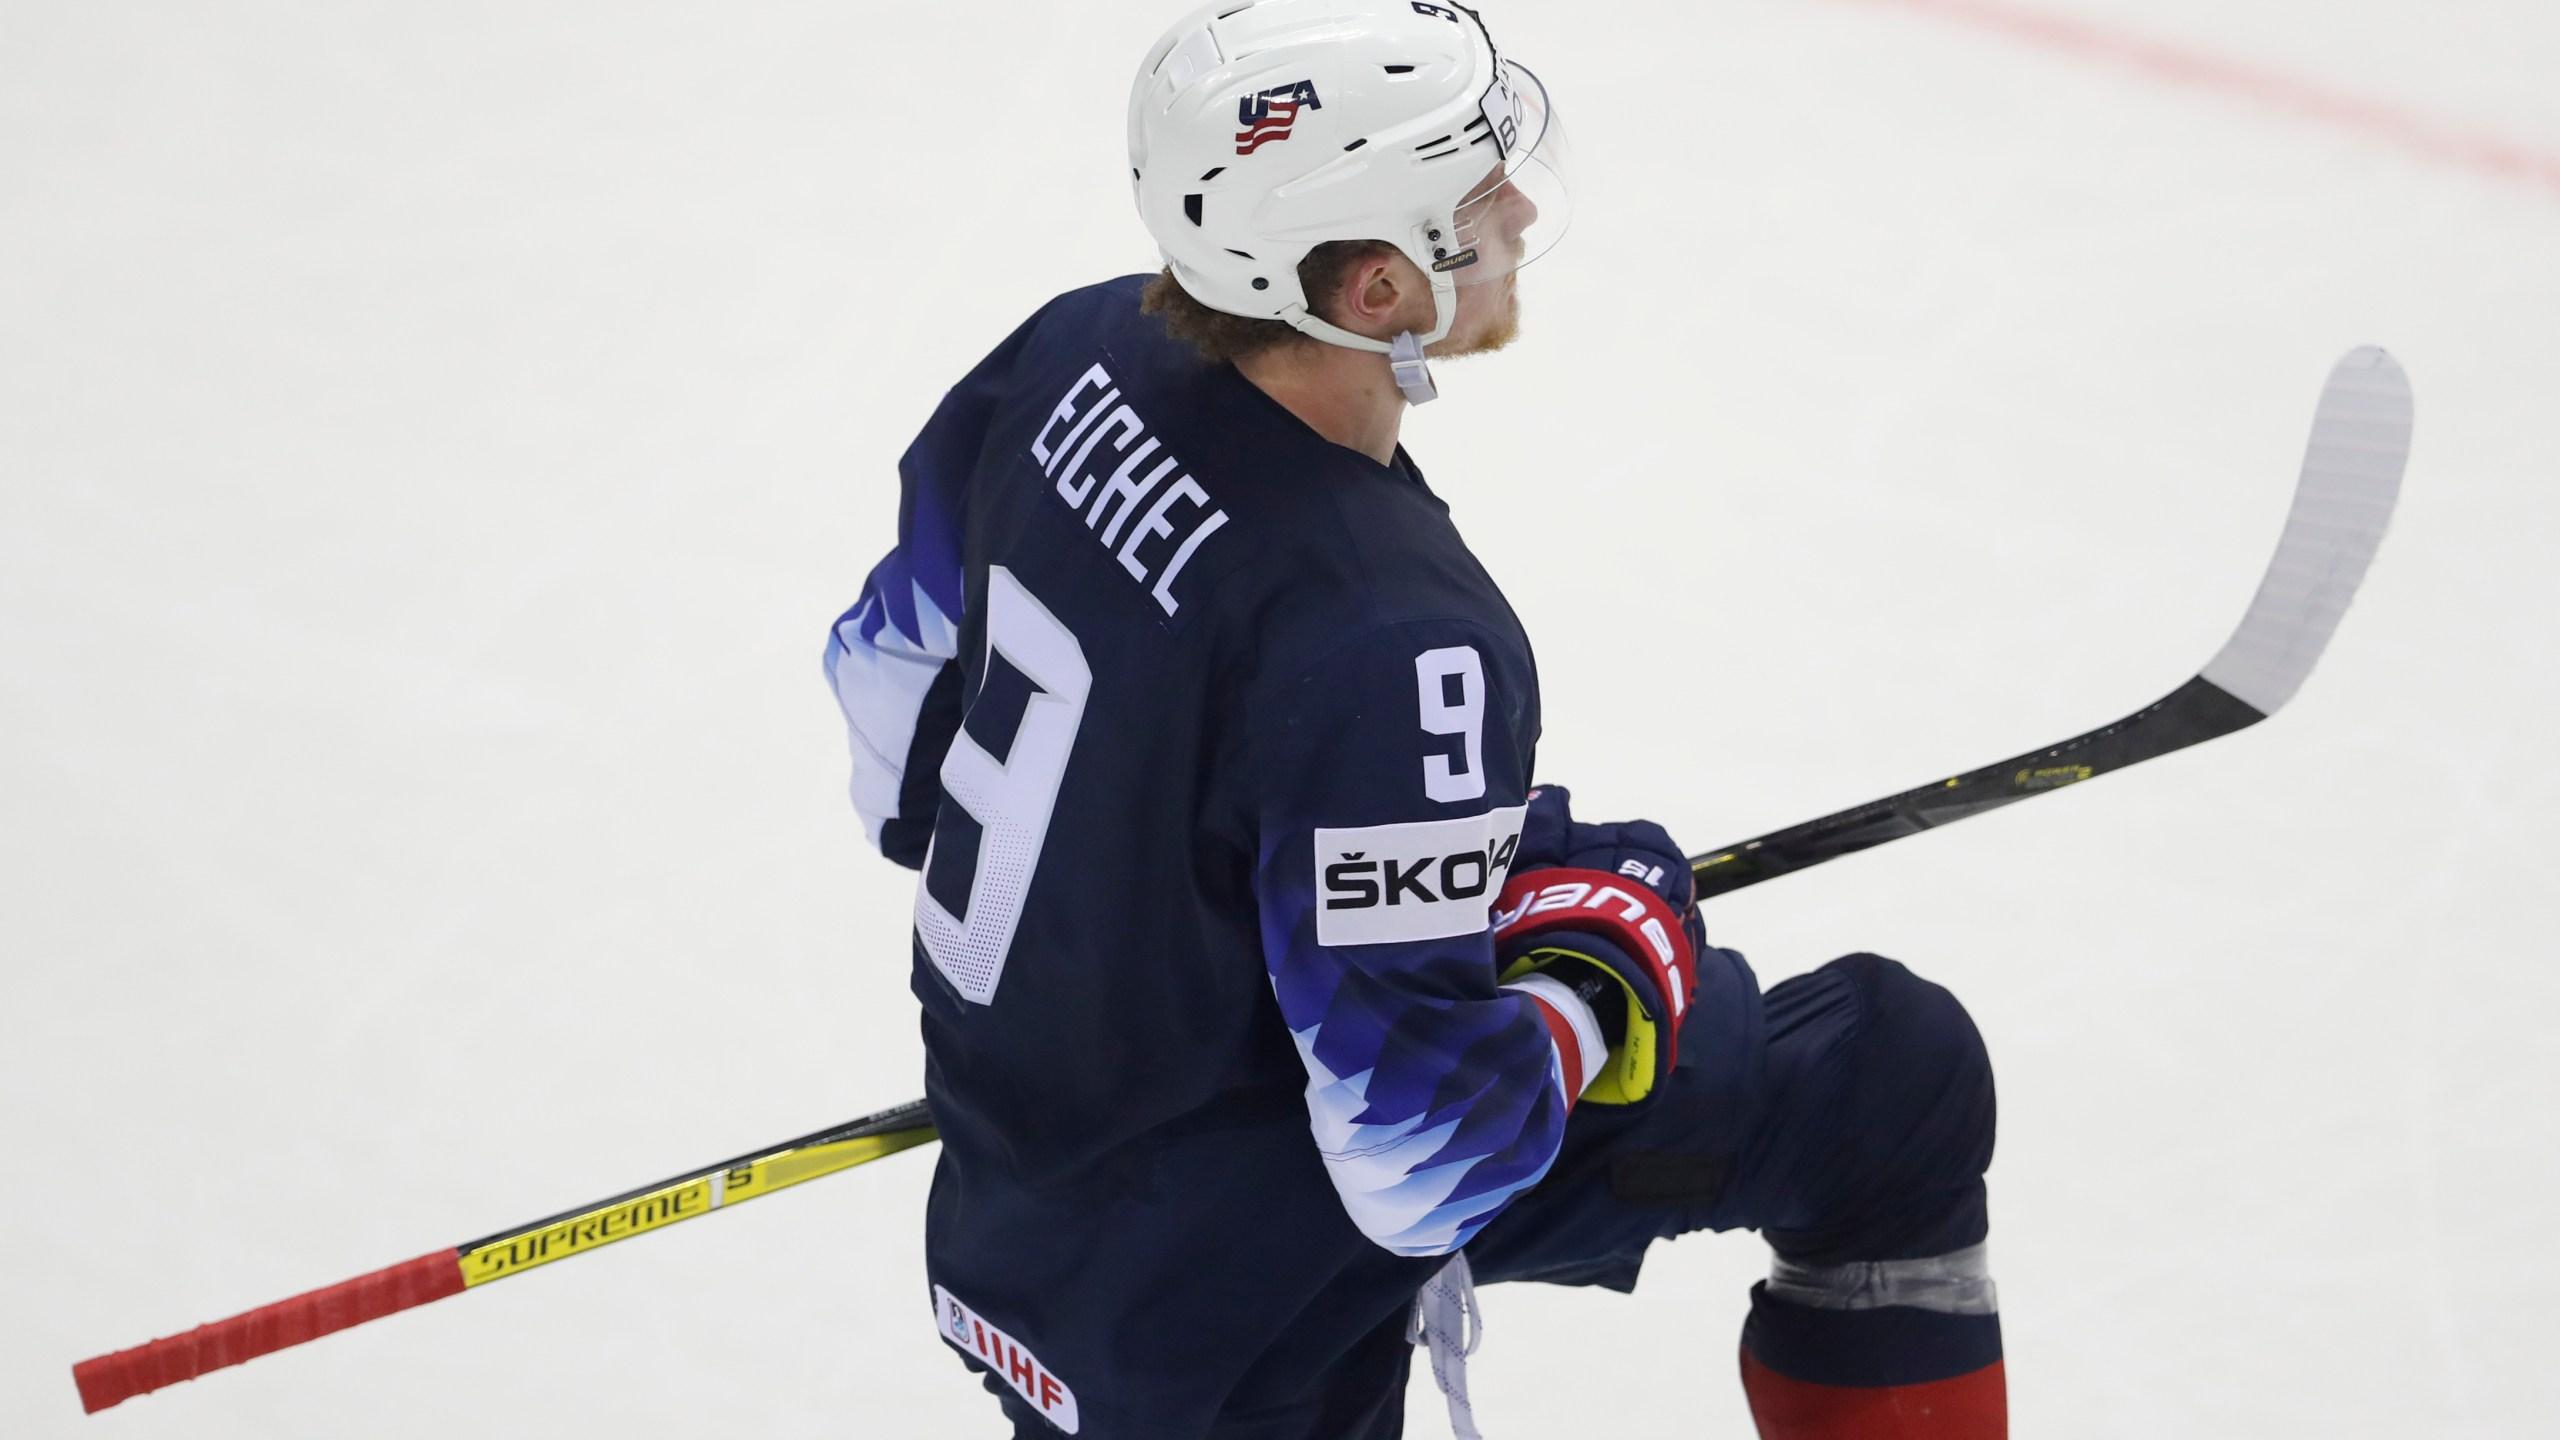 Slovakia Ice Hockey Worlds_1558291080952